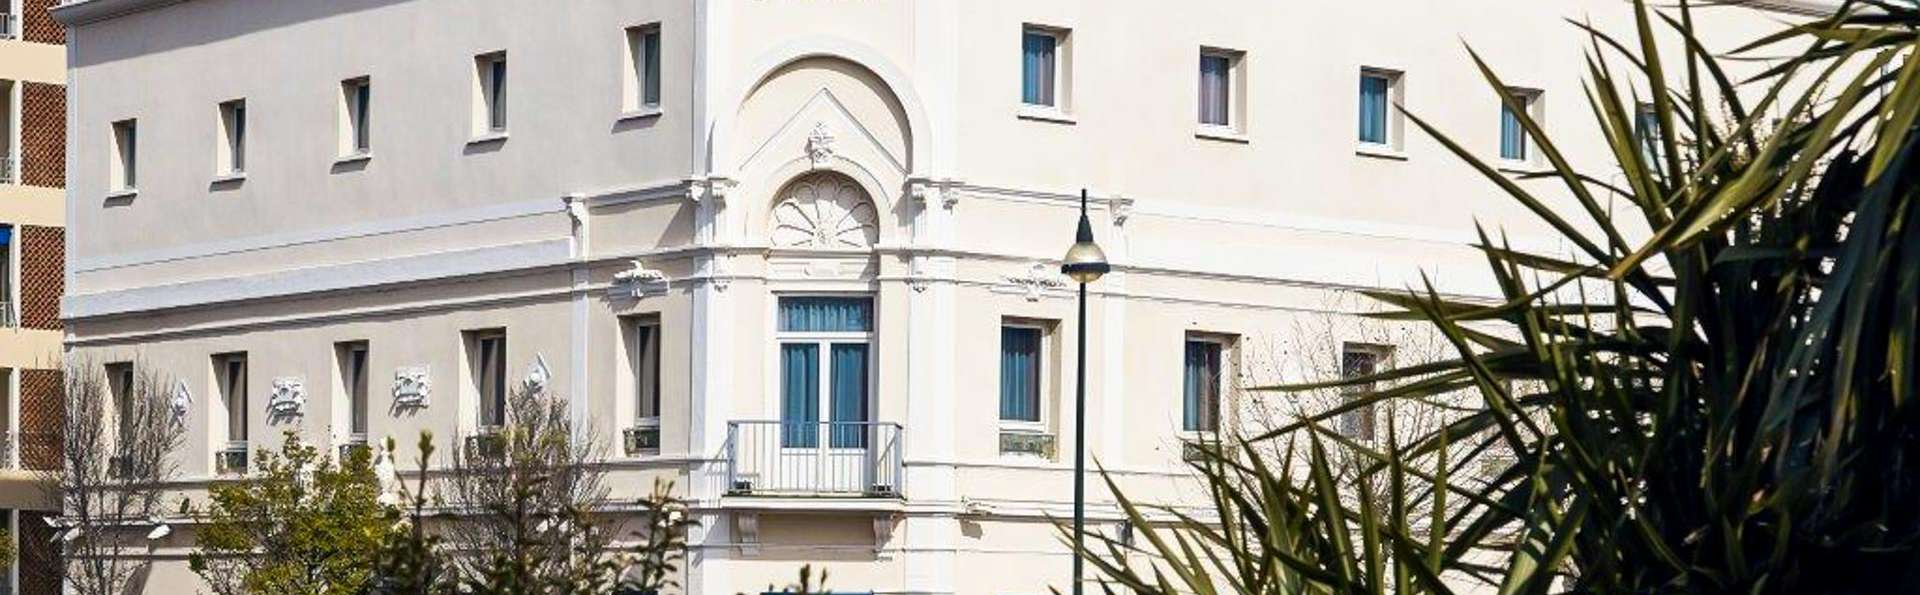 Ibis Styles Hyères Rooftop & SPA - EDIT_FRONT_01.jpg